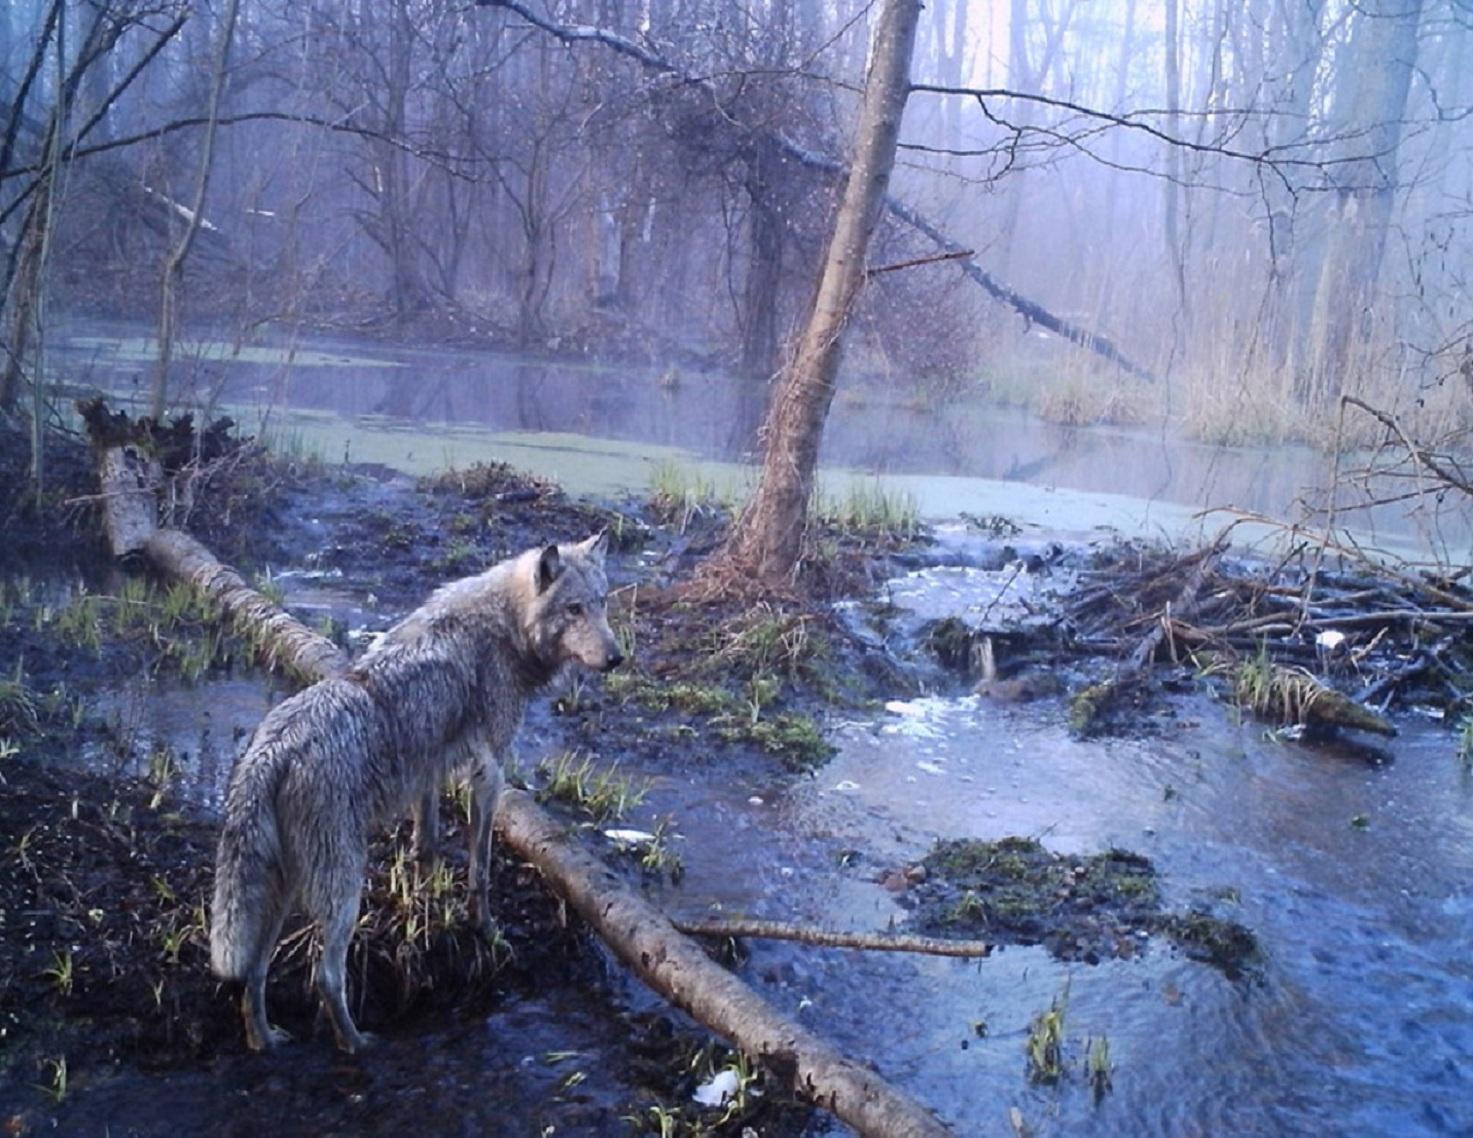 Un ejemplar de lobo euroasiático (Canis lupus lupus) acecha en la zona afectada por la radiación en Chernóbil. Imagen: Sergei Gaschak.